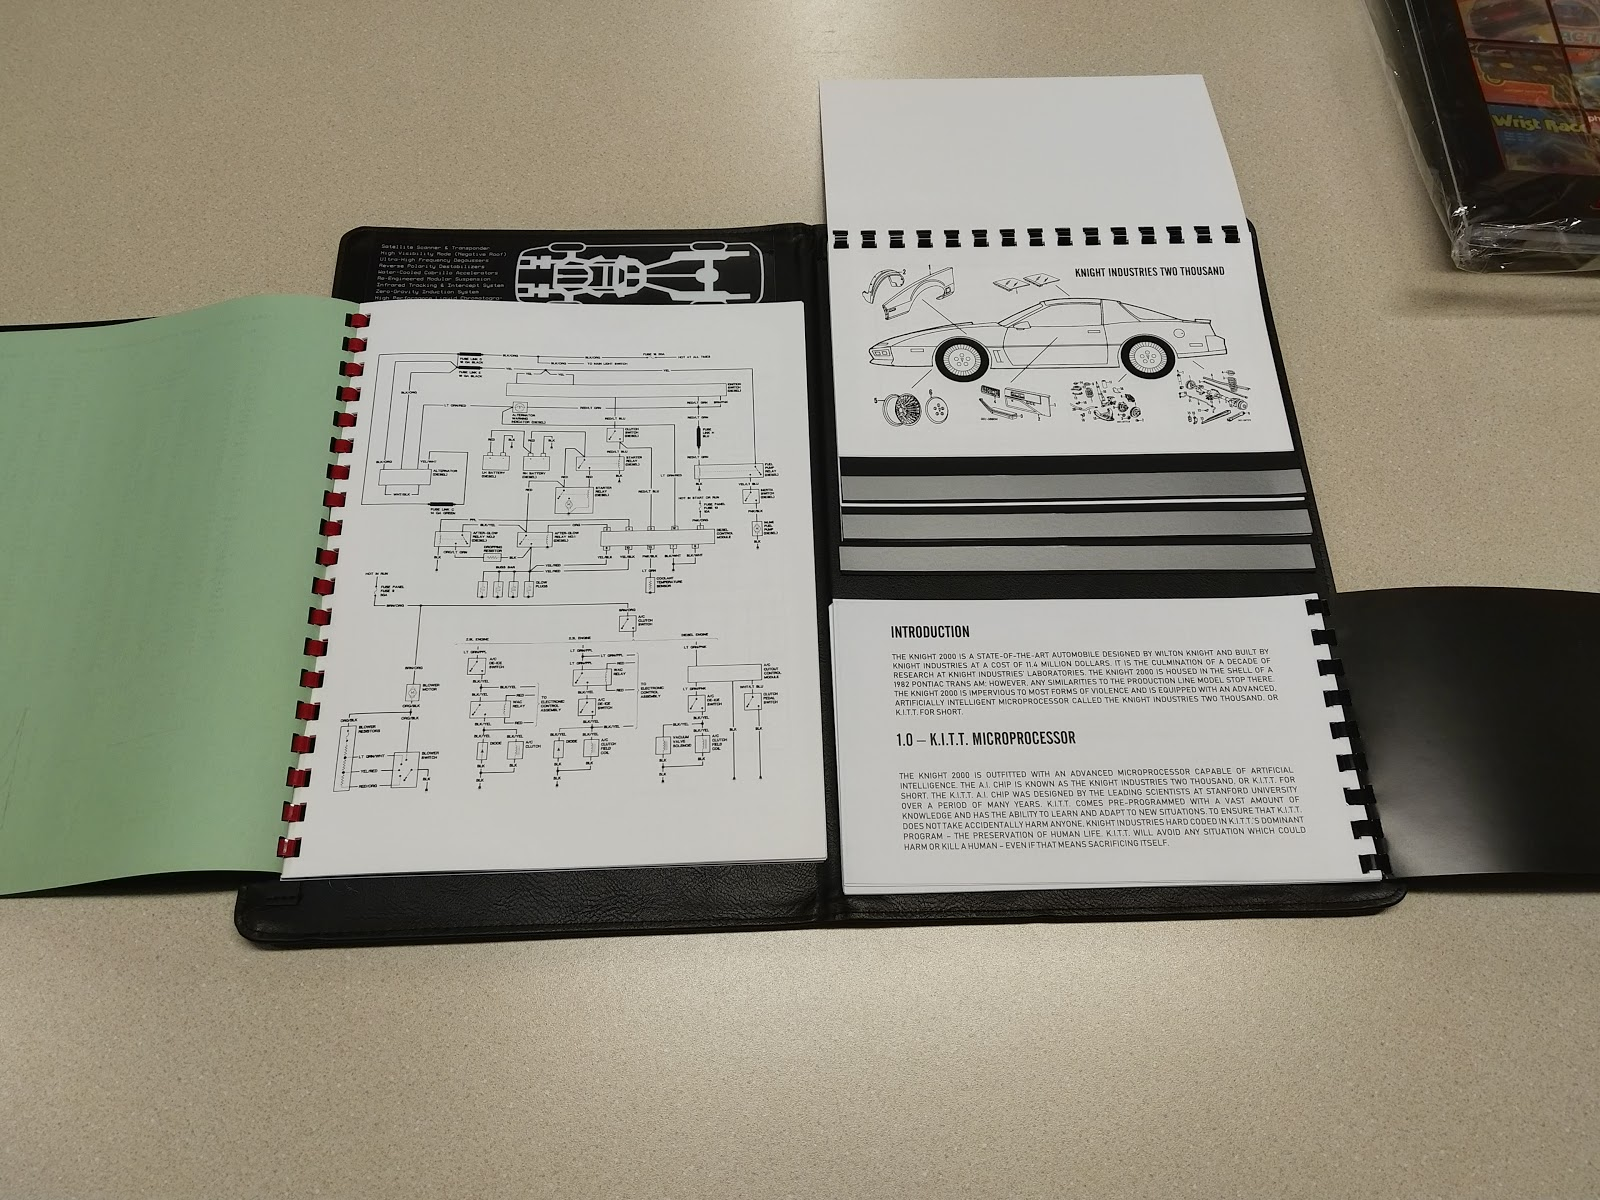 Knight Rider Led Circuit Diagram Schematics